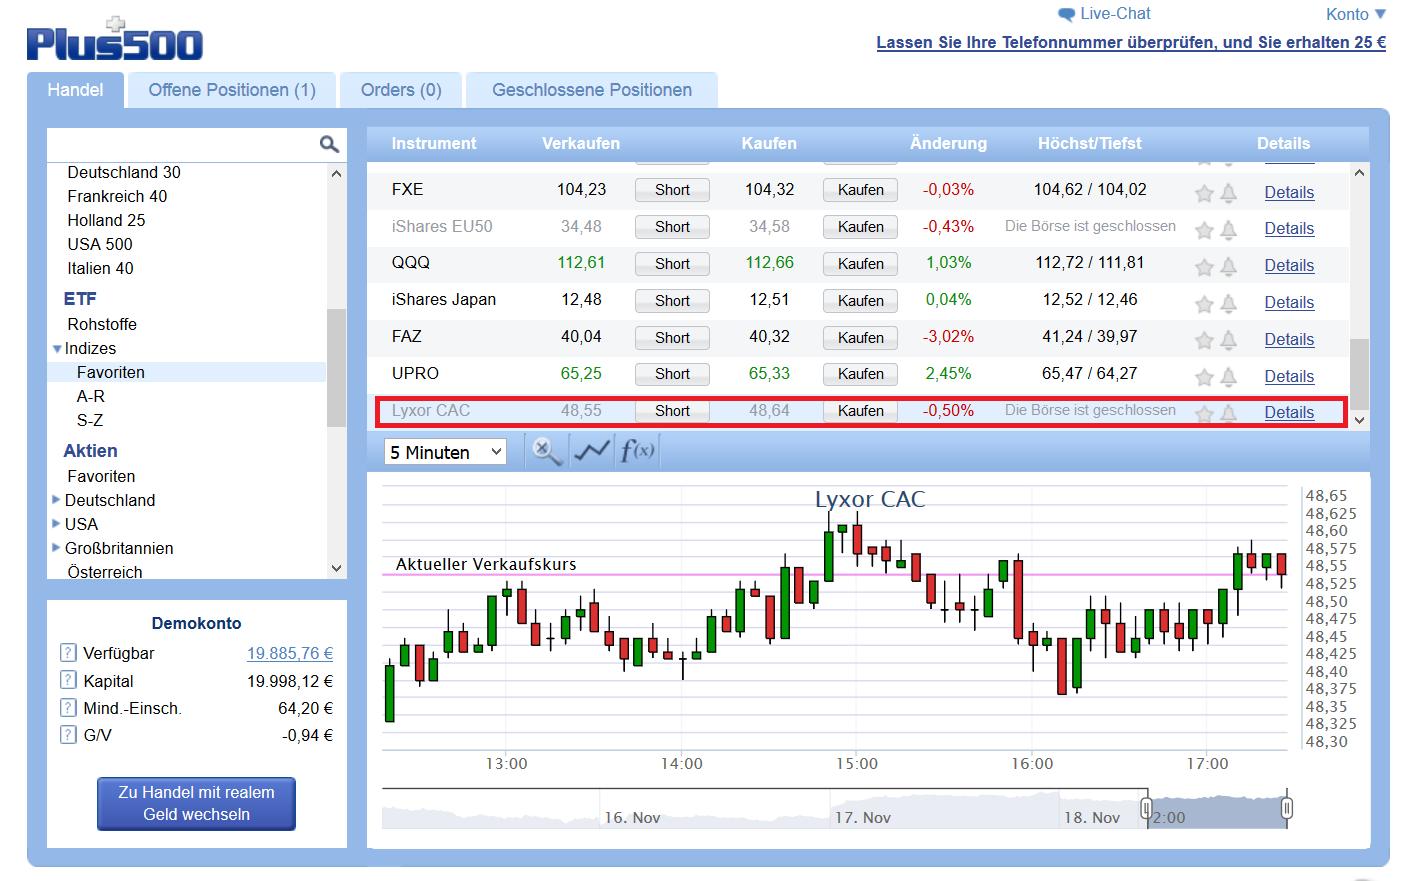 Der außerbörsliche Handel ist außerhalb der Börsenzeiten möglich